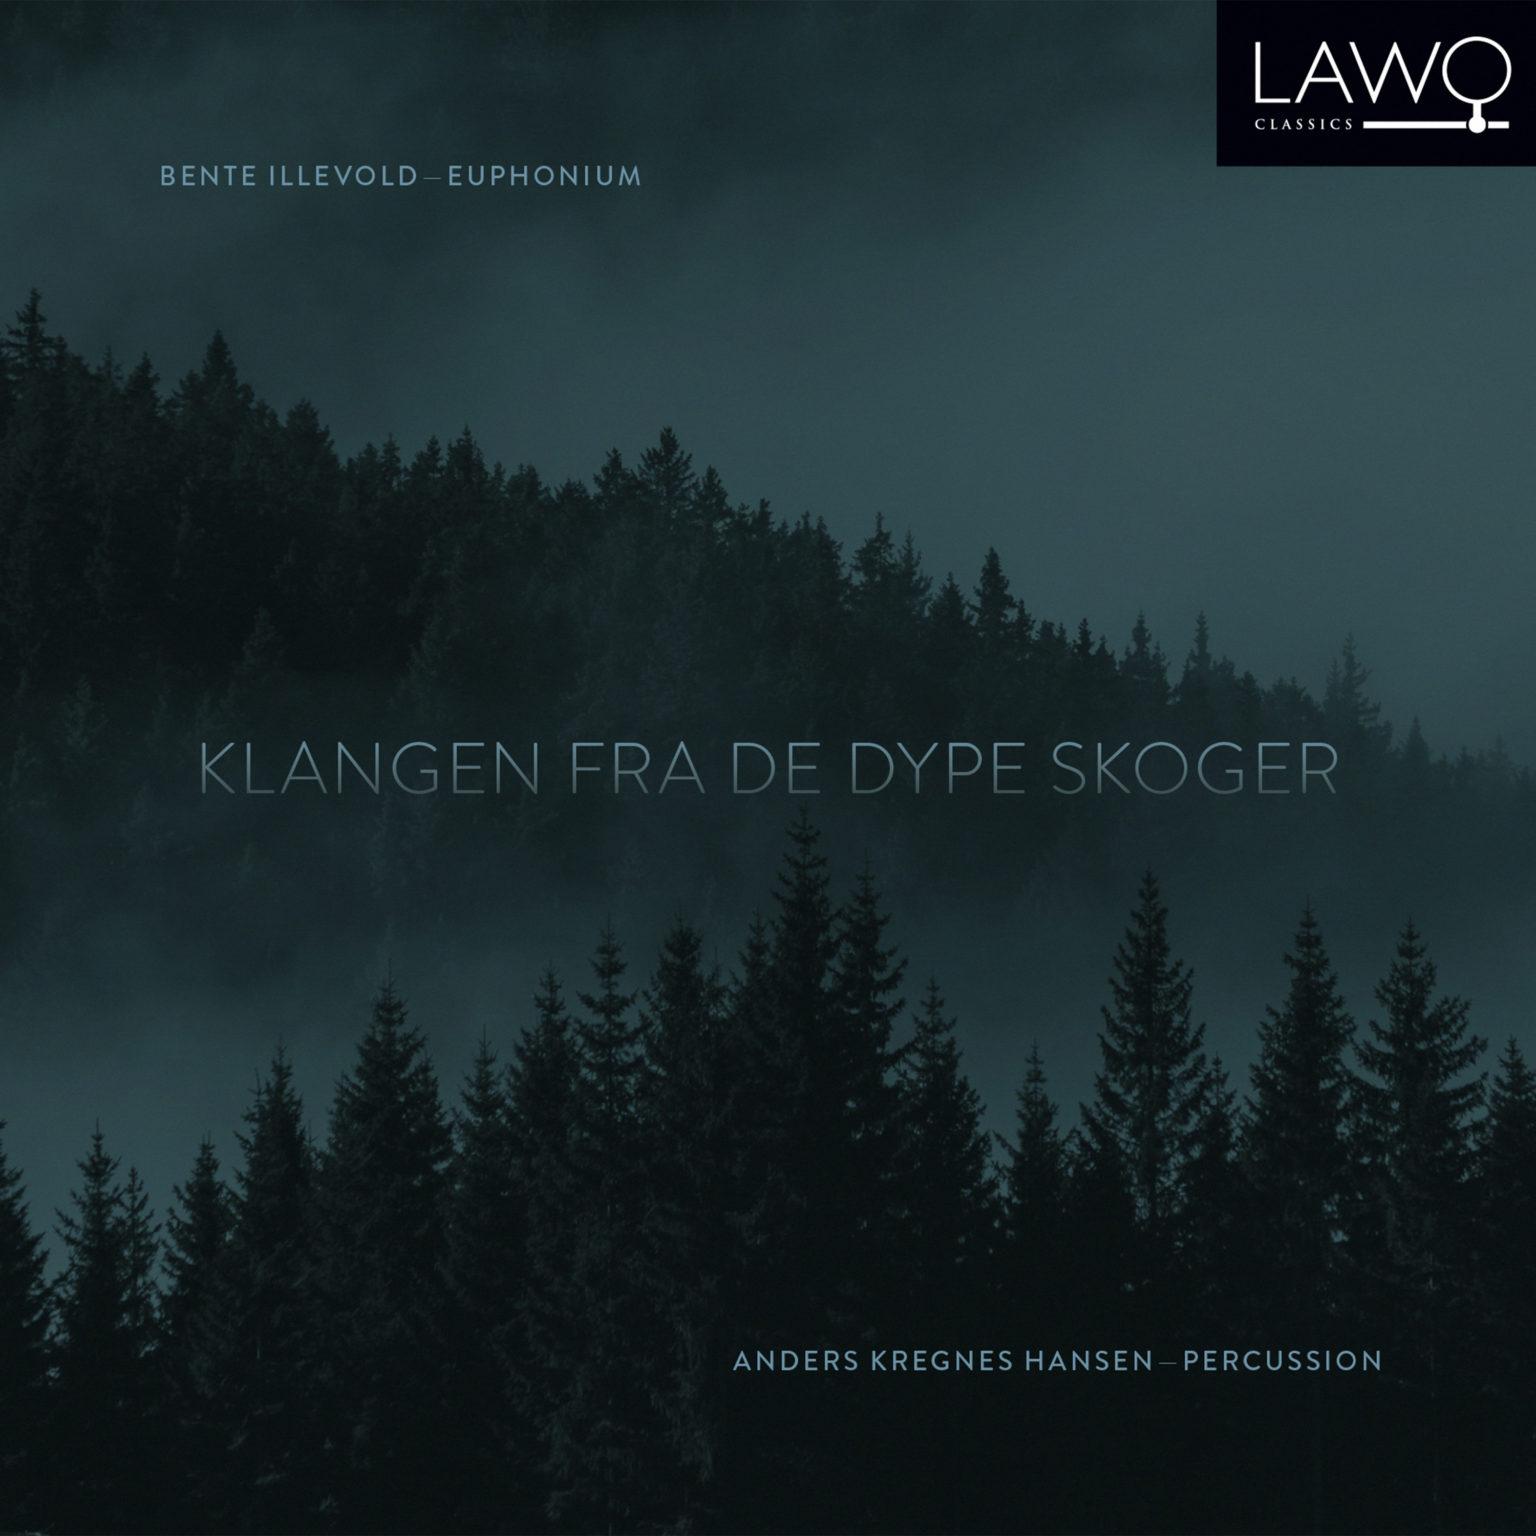 Click image for larger version.  Name:LWC1195_Bente_Illevold_Klangen_fra_de_dype_skoger_cover_3000x3000px-1536x1536.jpg Views:1837 Size:174.8 KB ID:7720